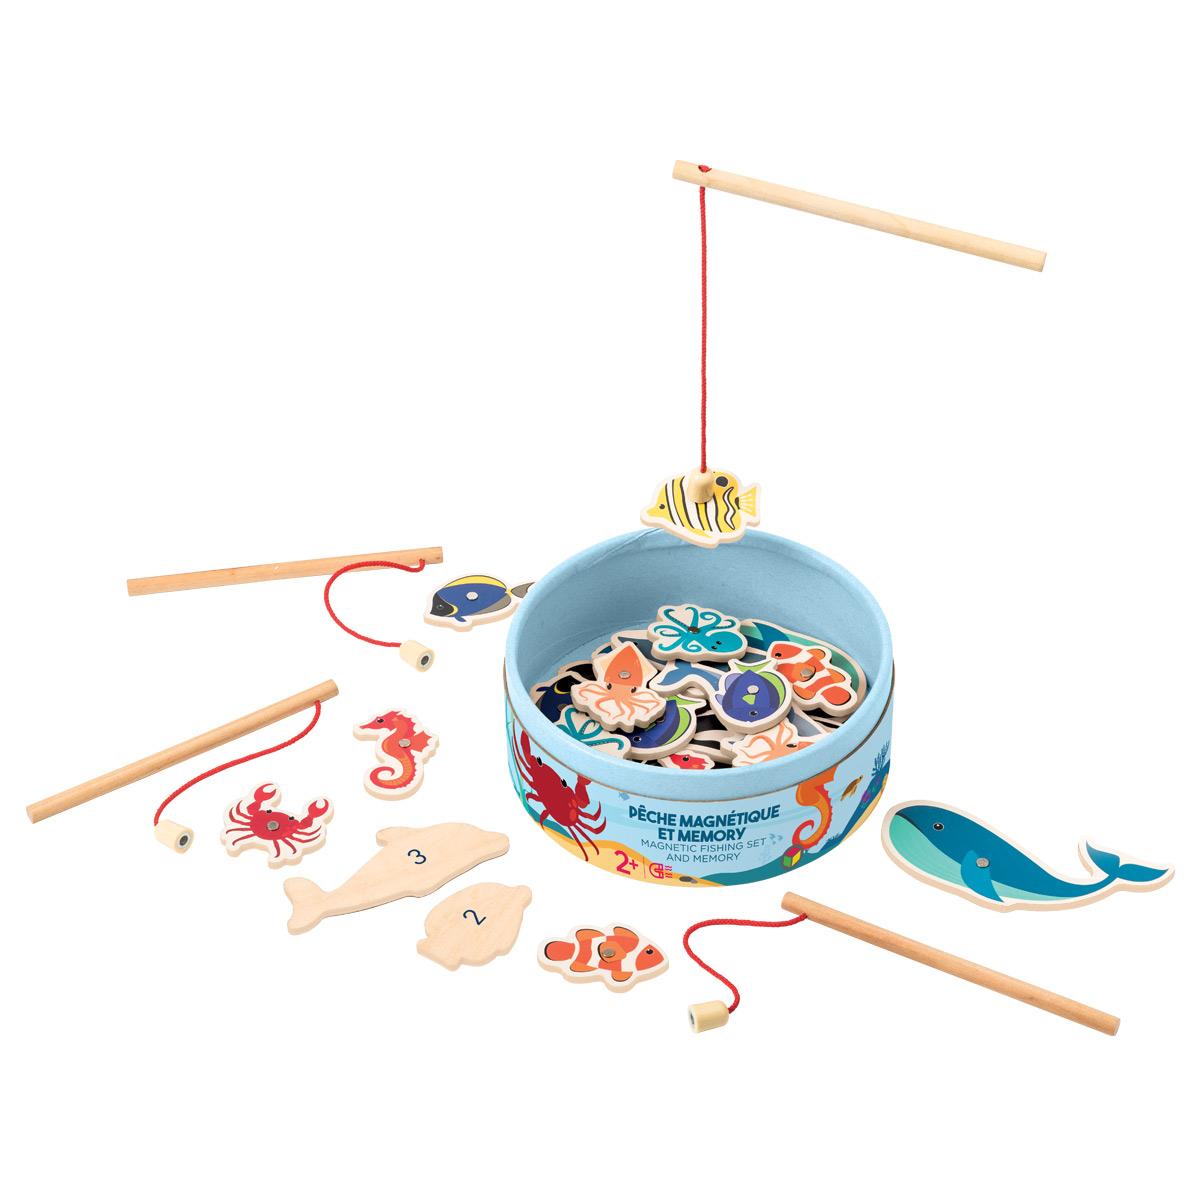 Pêche Magnétique Et Mémory destiné Jeux Bébé 6 Mois En Ligne